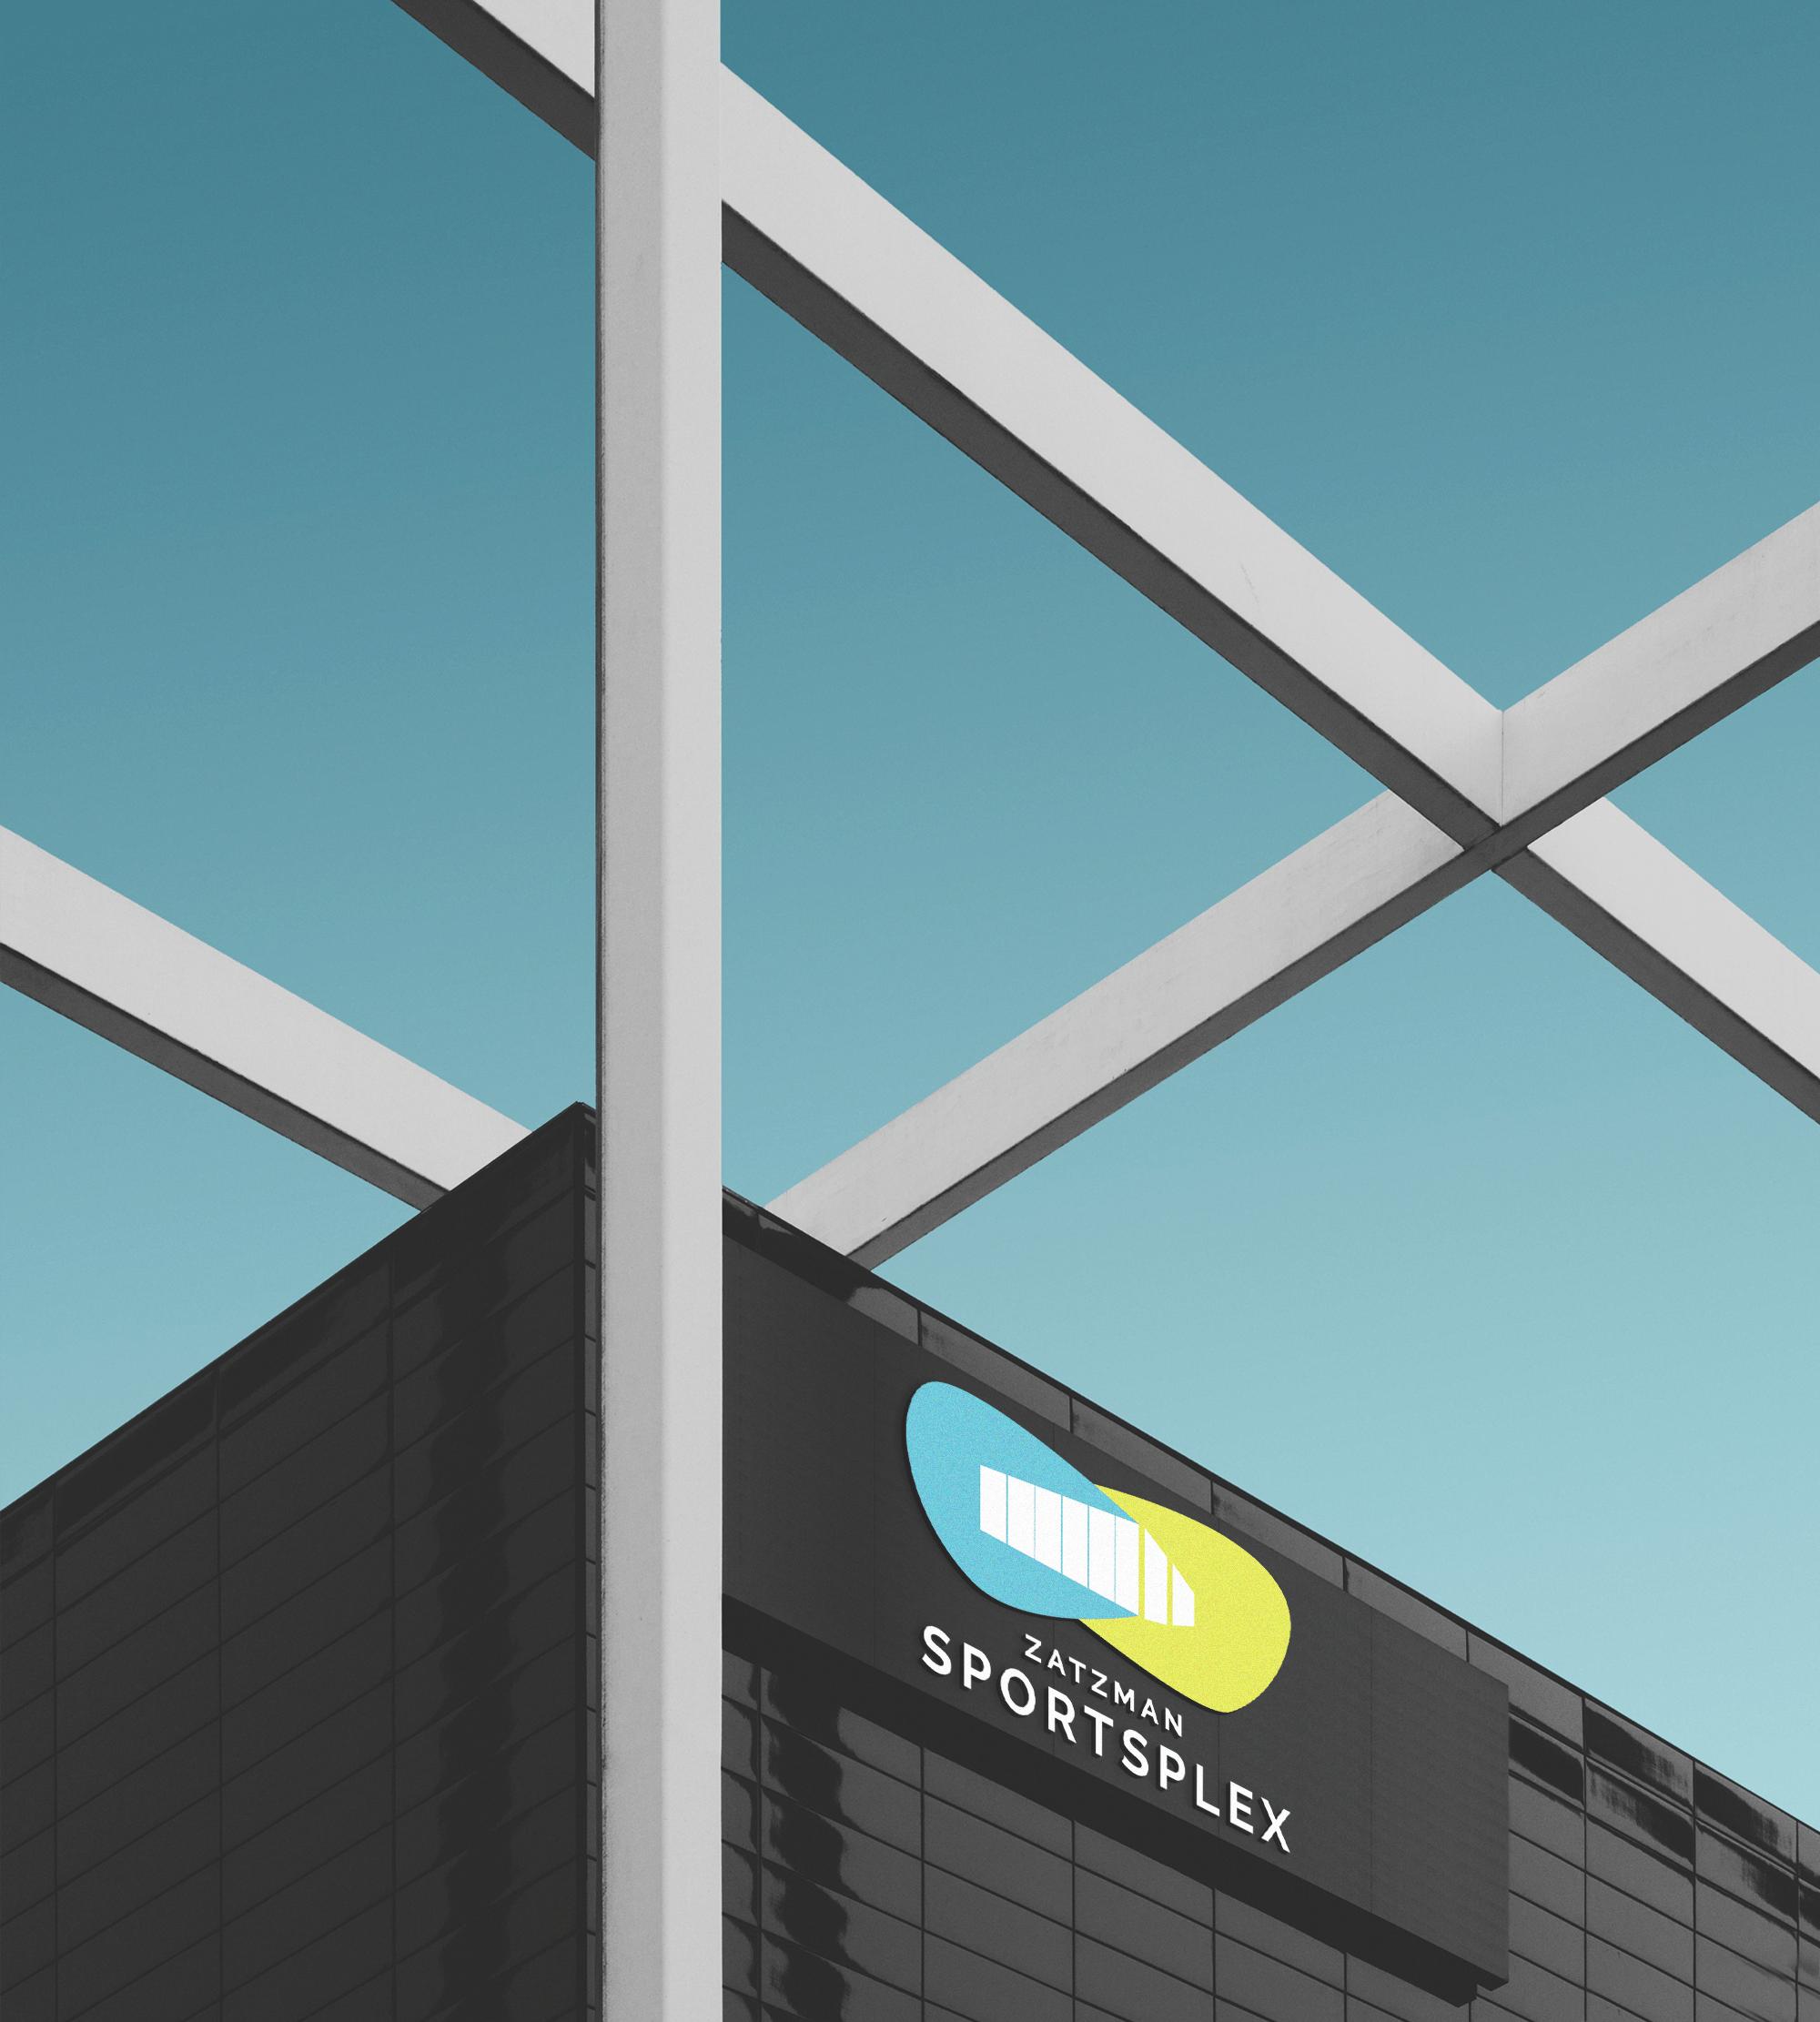 signage_mockup.png